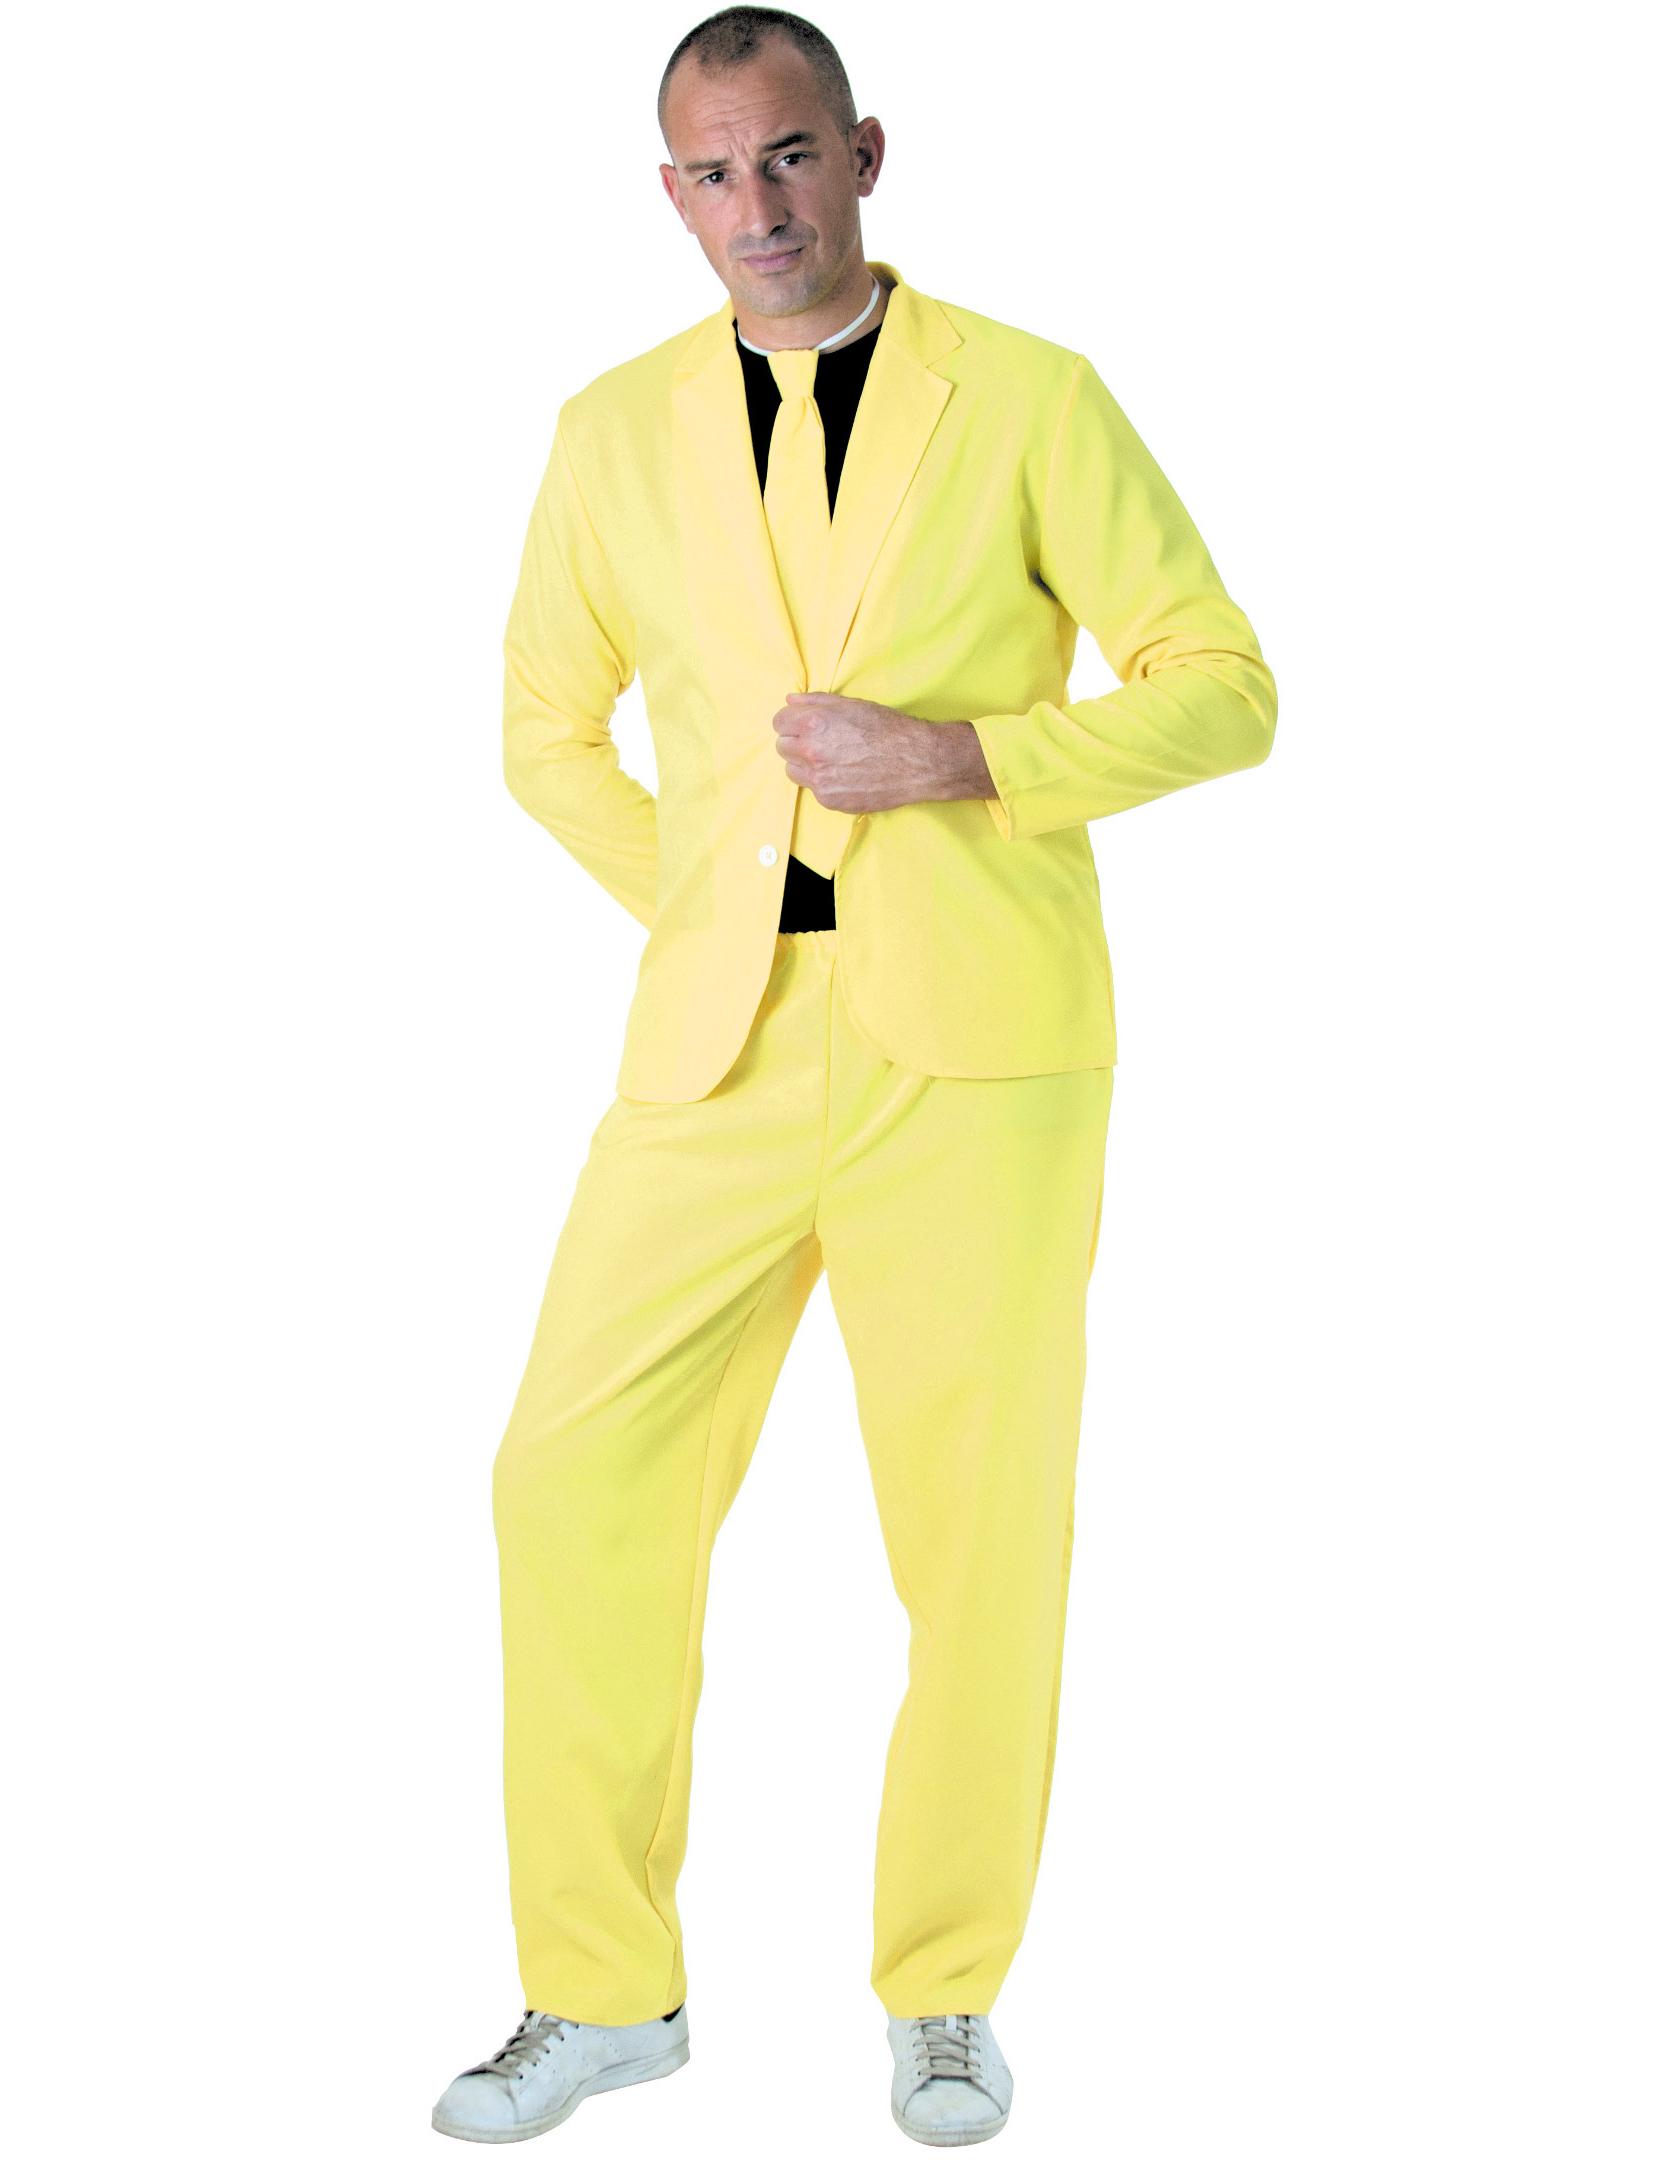 herren anzug neongelb g nstige faschings kost me bei karneval megastore. Black Bedroom Furniture Sets. Home Design Ideas